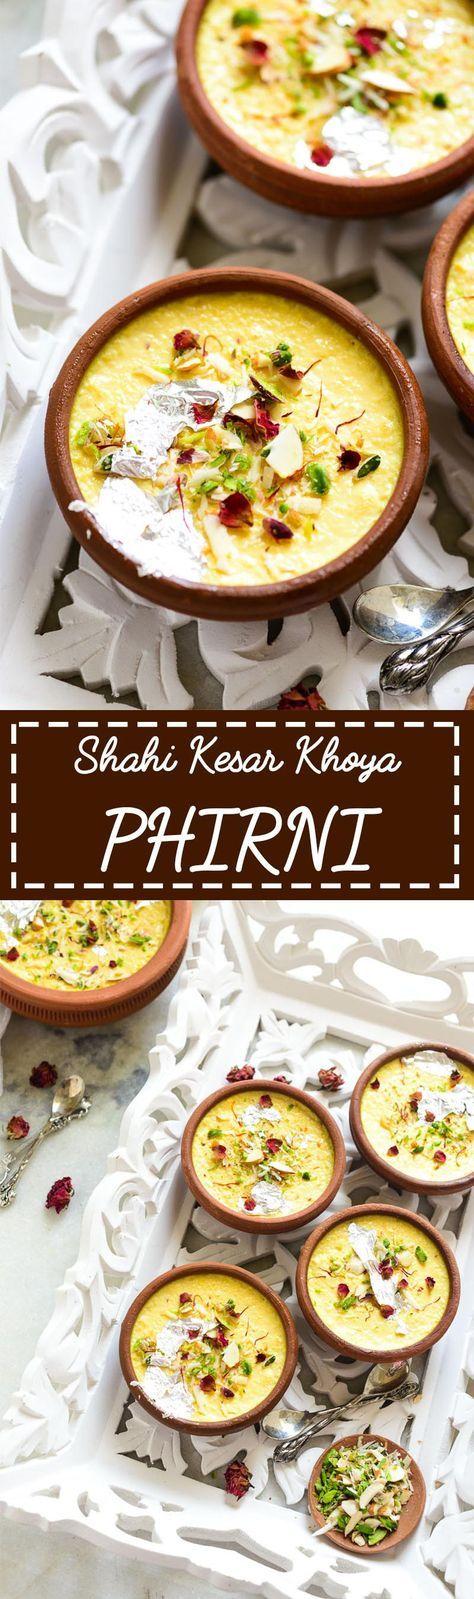 Shahi Kesar Khoya Phirni